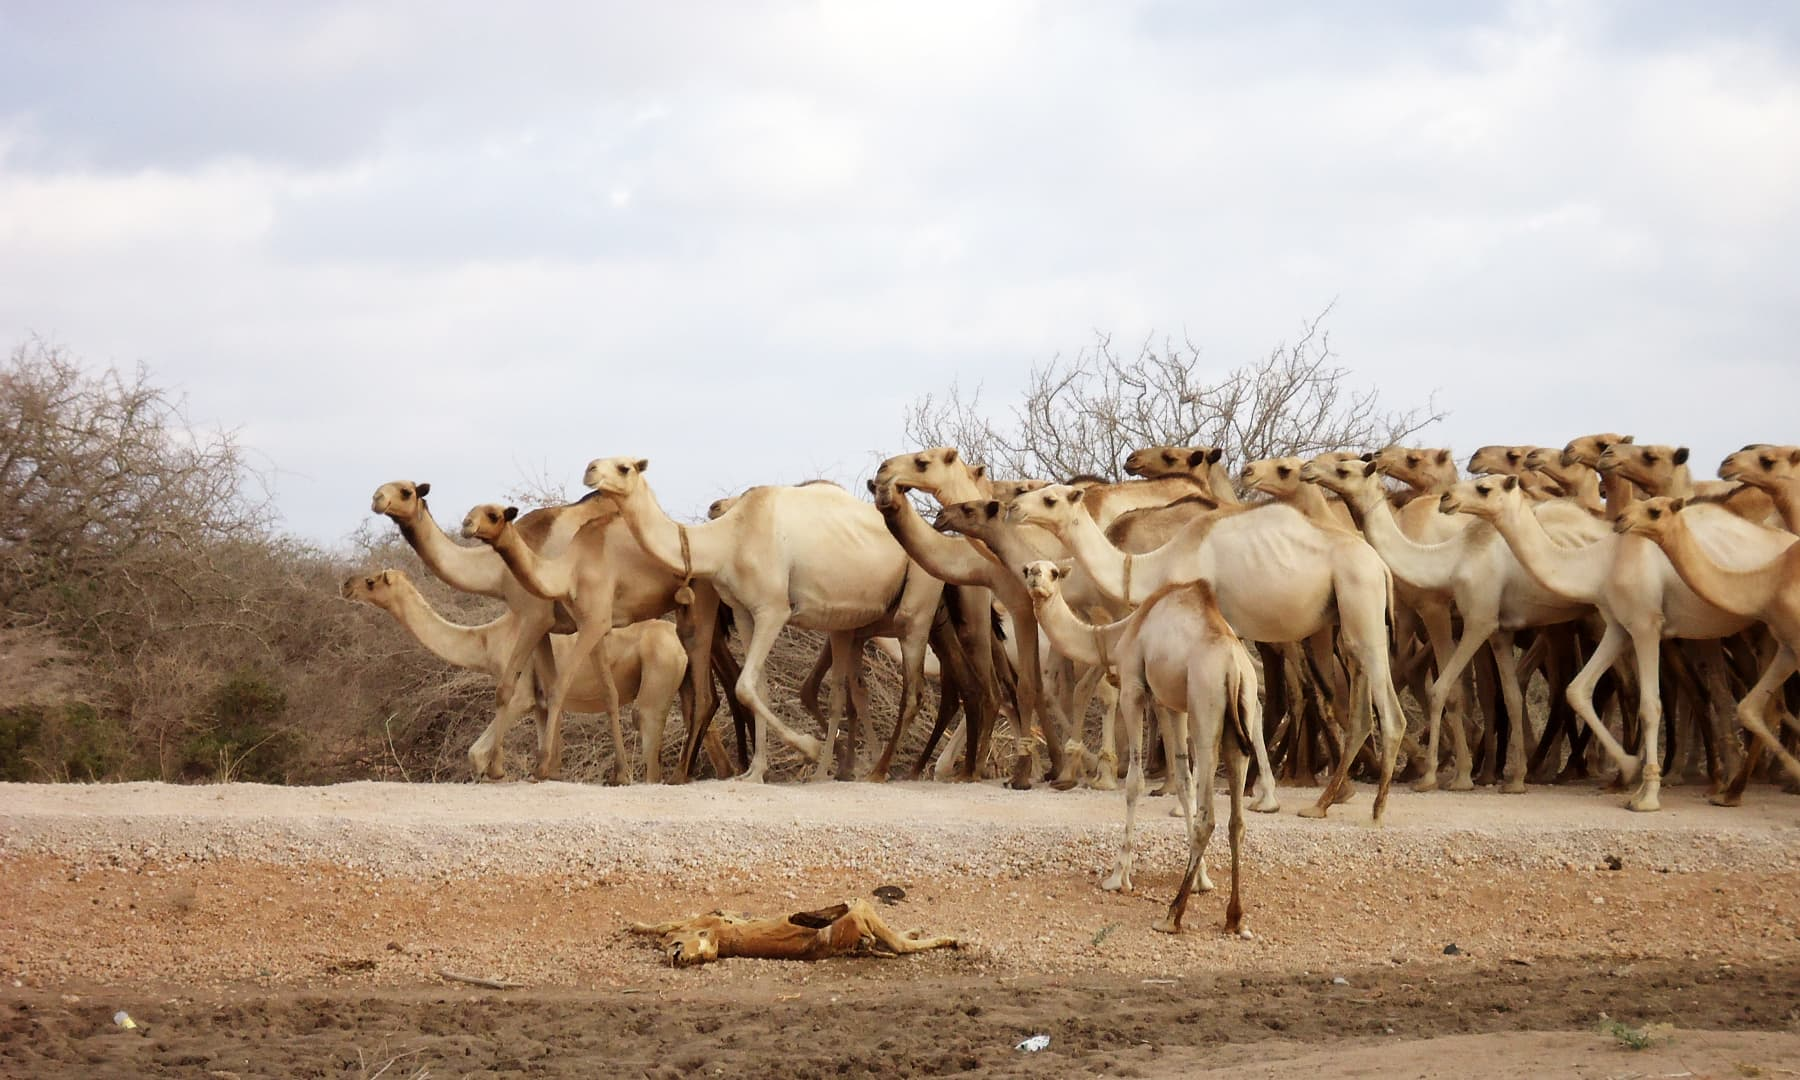 داداب کیمپ کے قریب بھوک و پیاس کی وجہ سے ایک جانور دم توڑ گیا— فوٹو عظمت اکبر